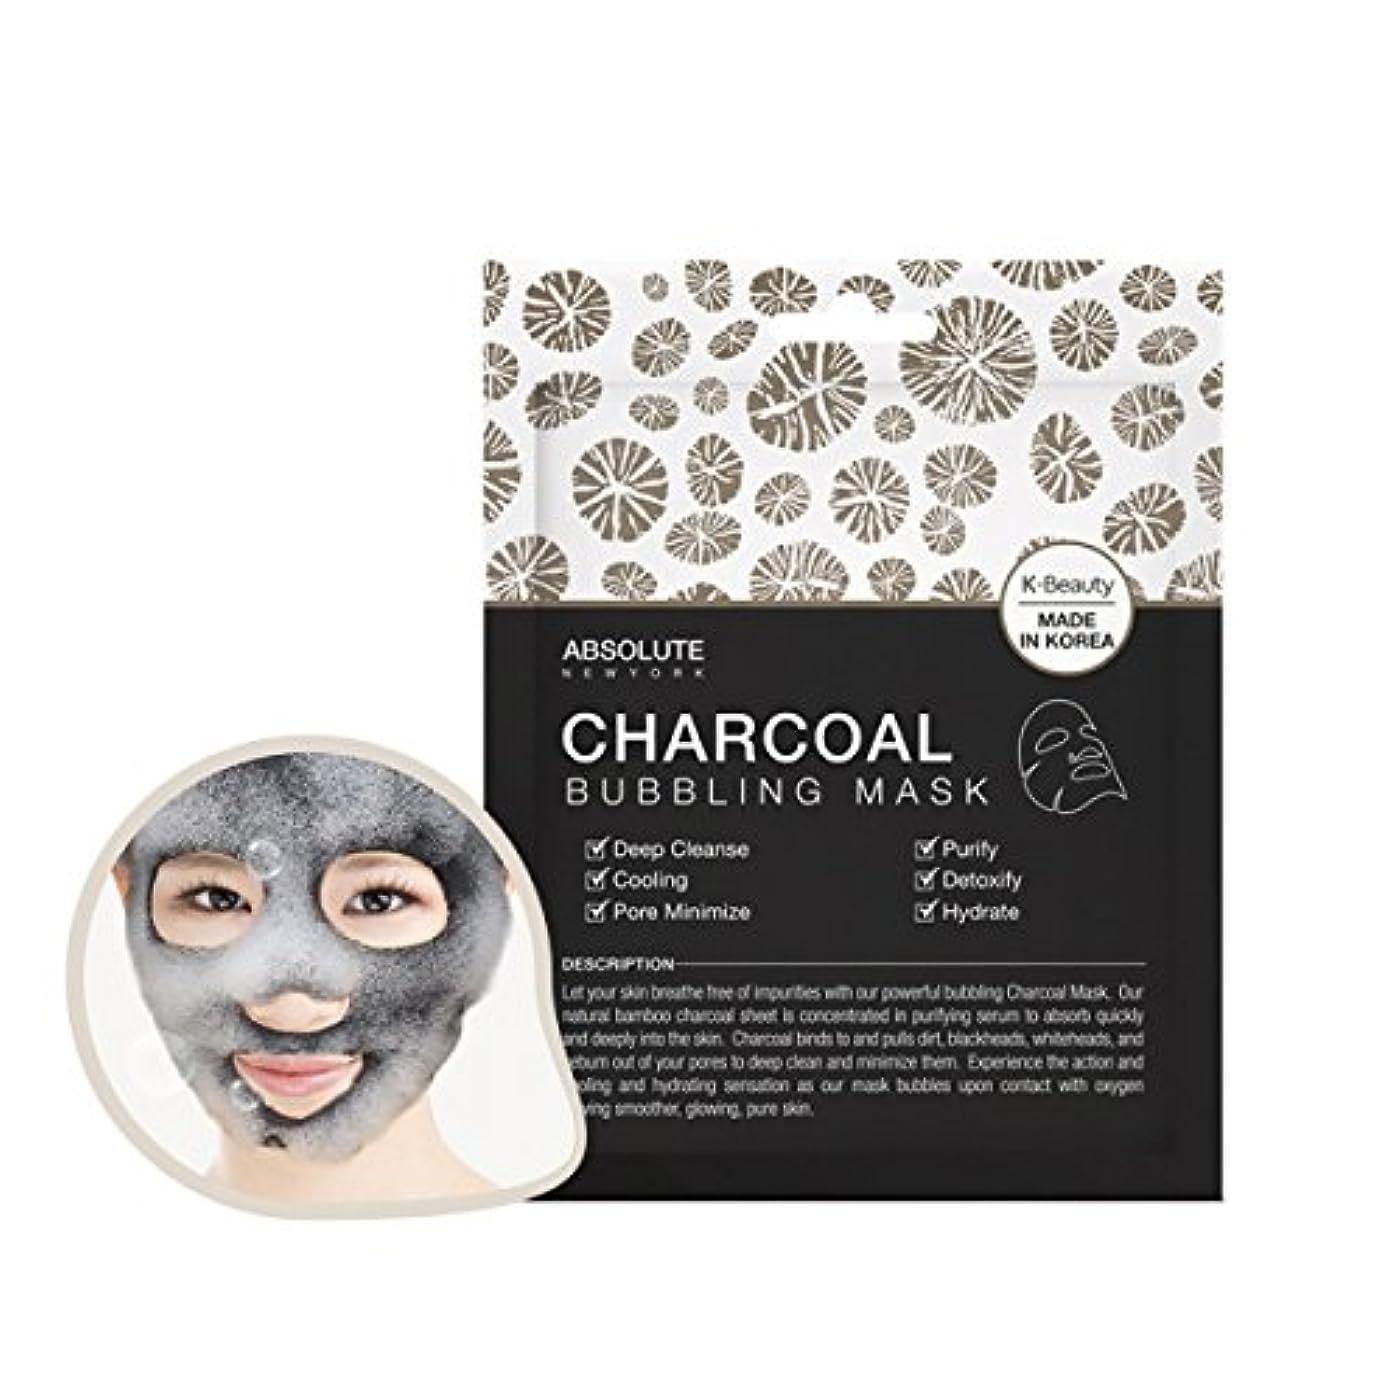 前書き崇拝する経験的(3 Pack) ABSOLUTE Charcoal Bubbling Mask (並行輸入品)